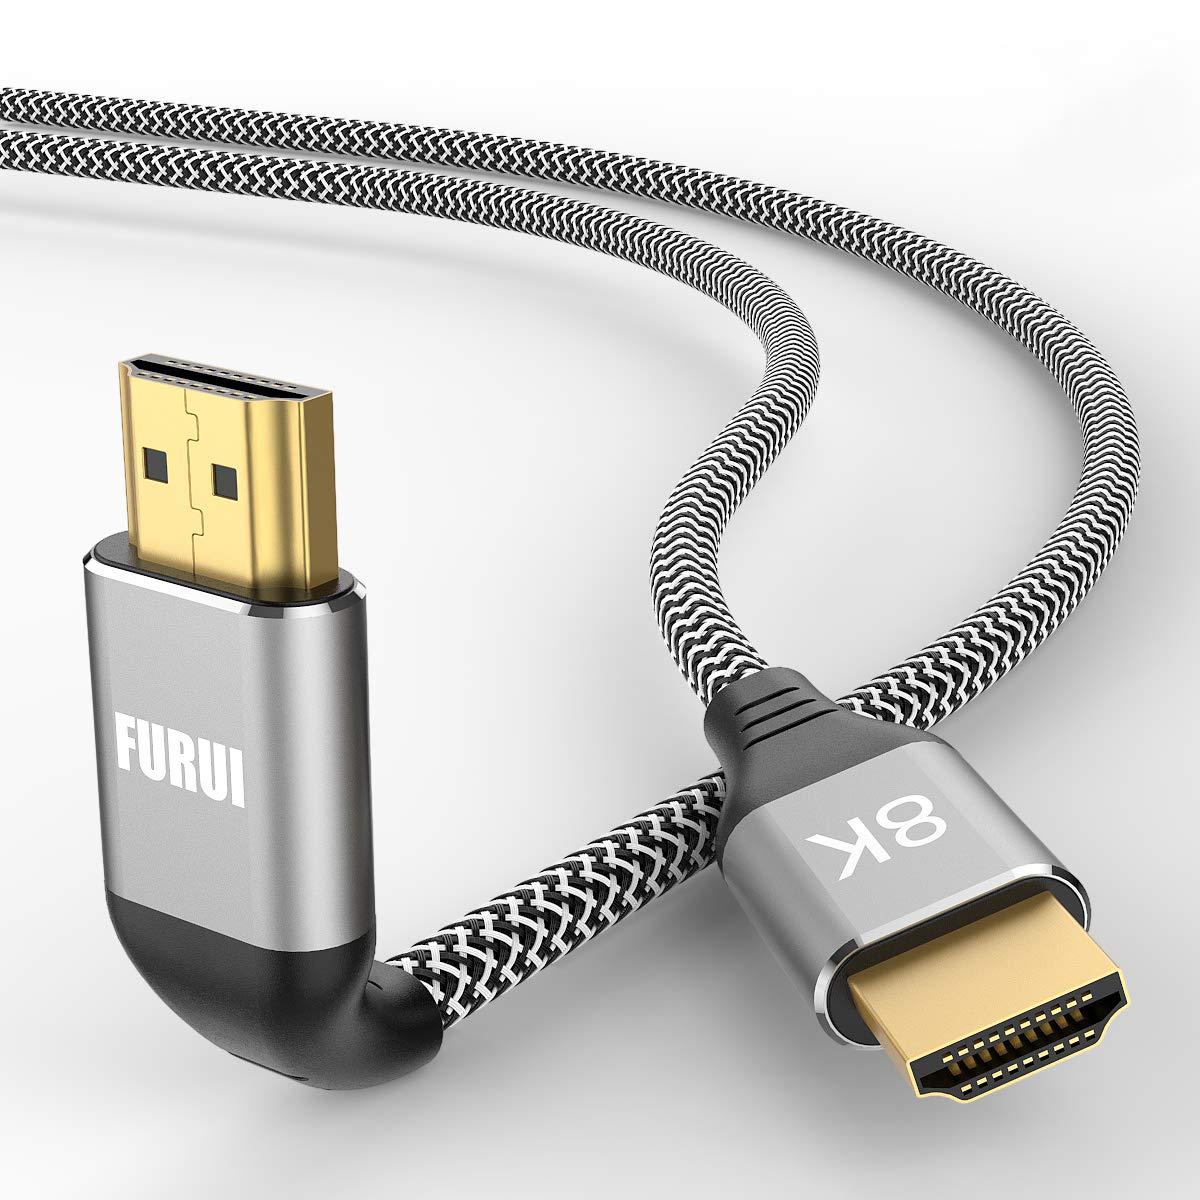 Cable HDMI 2.1 8k Trenzado 3mt HDCP 2.3 FURUI